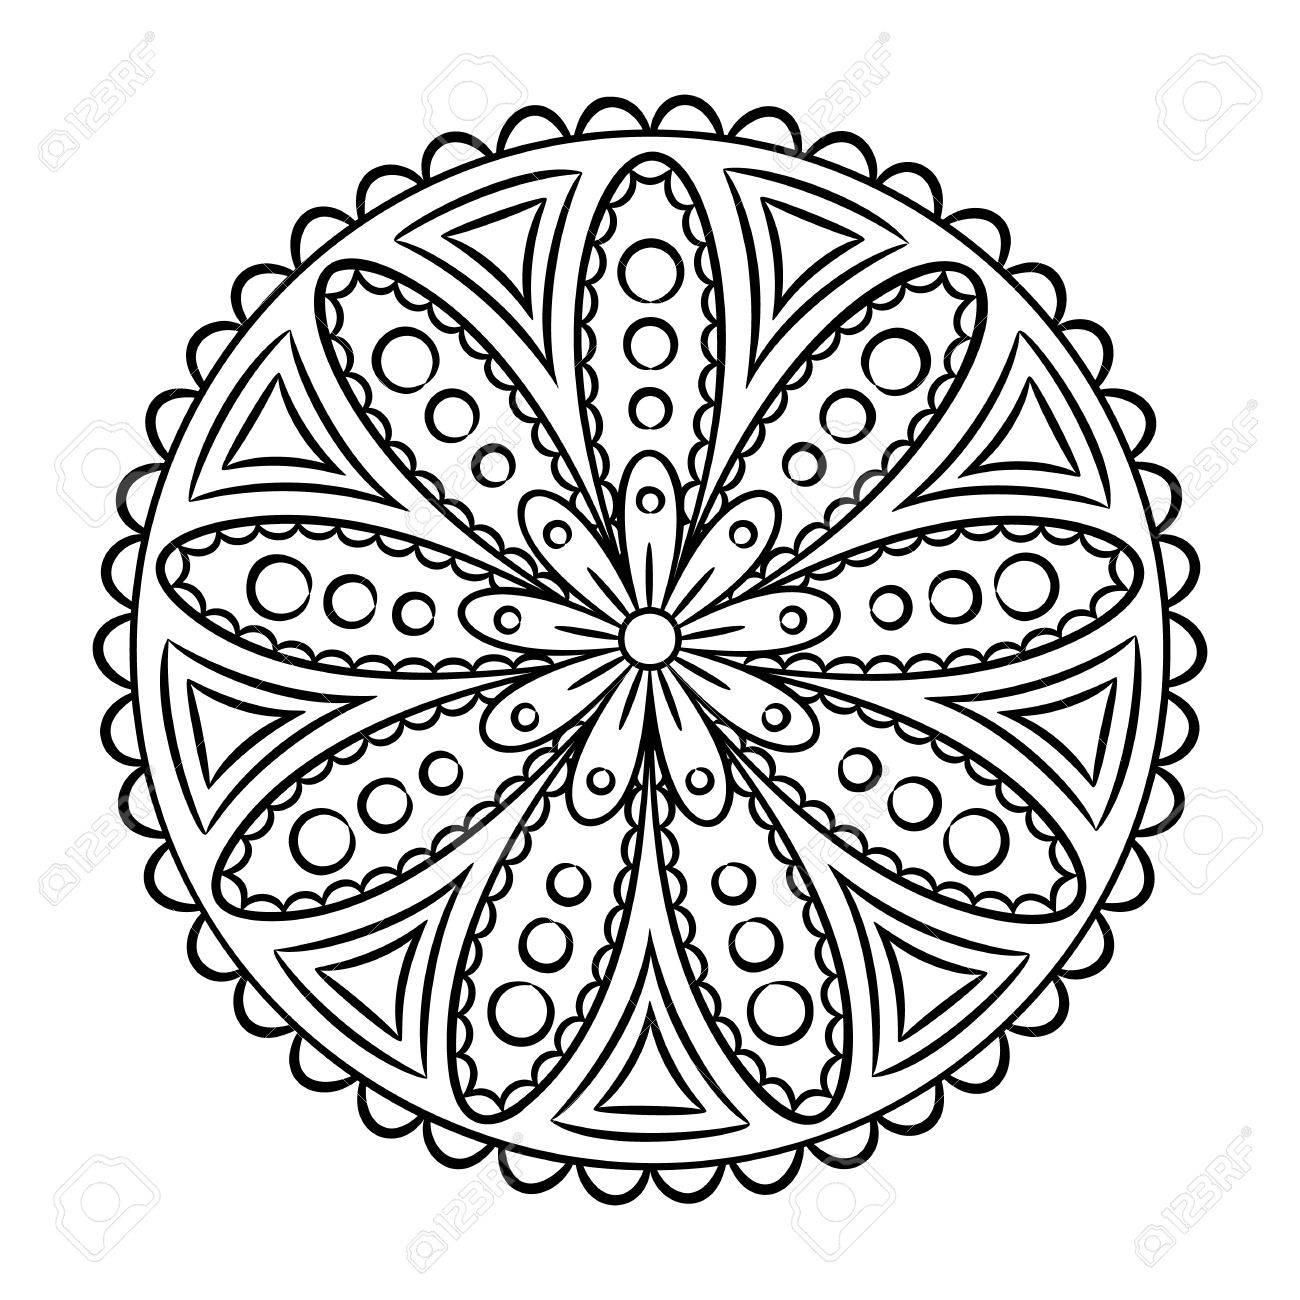 Doodle Coloriage Mandala Outline Floral Element De Design